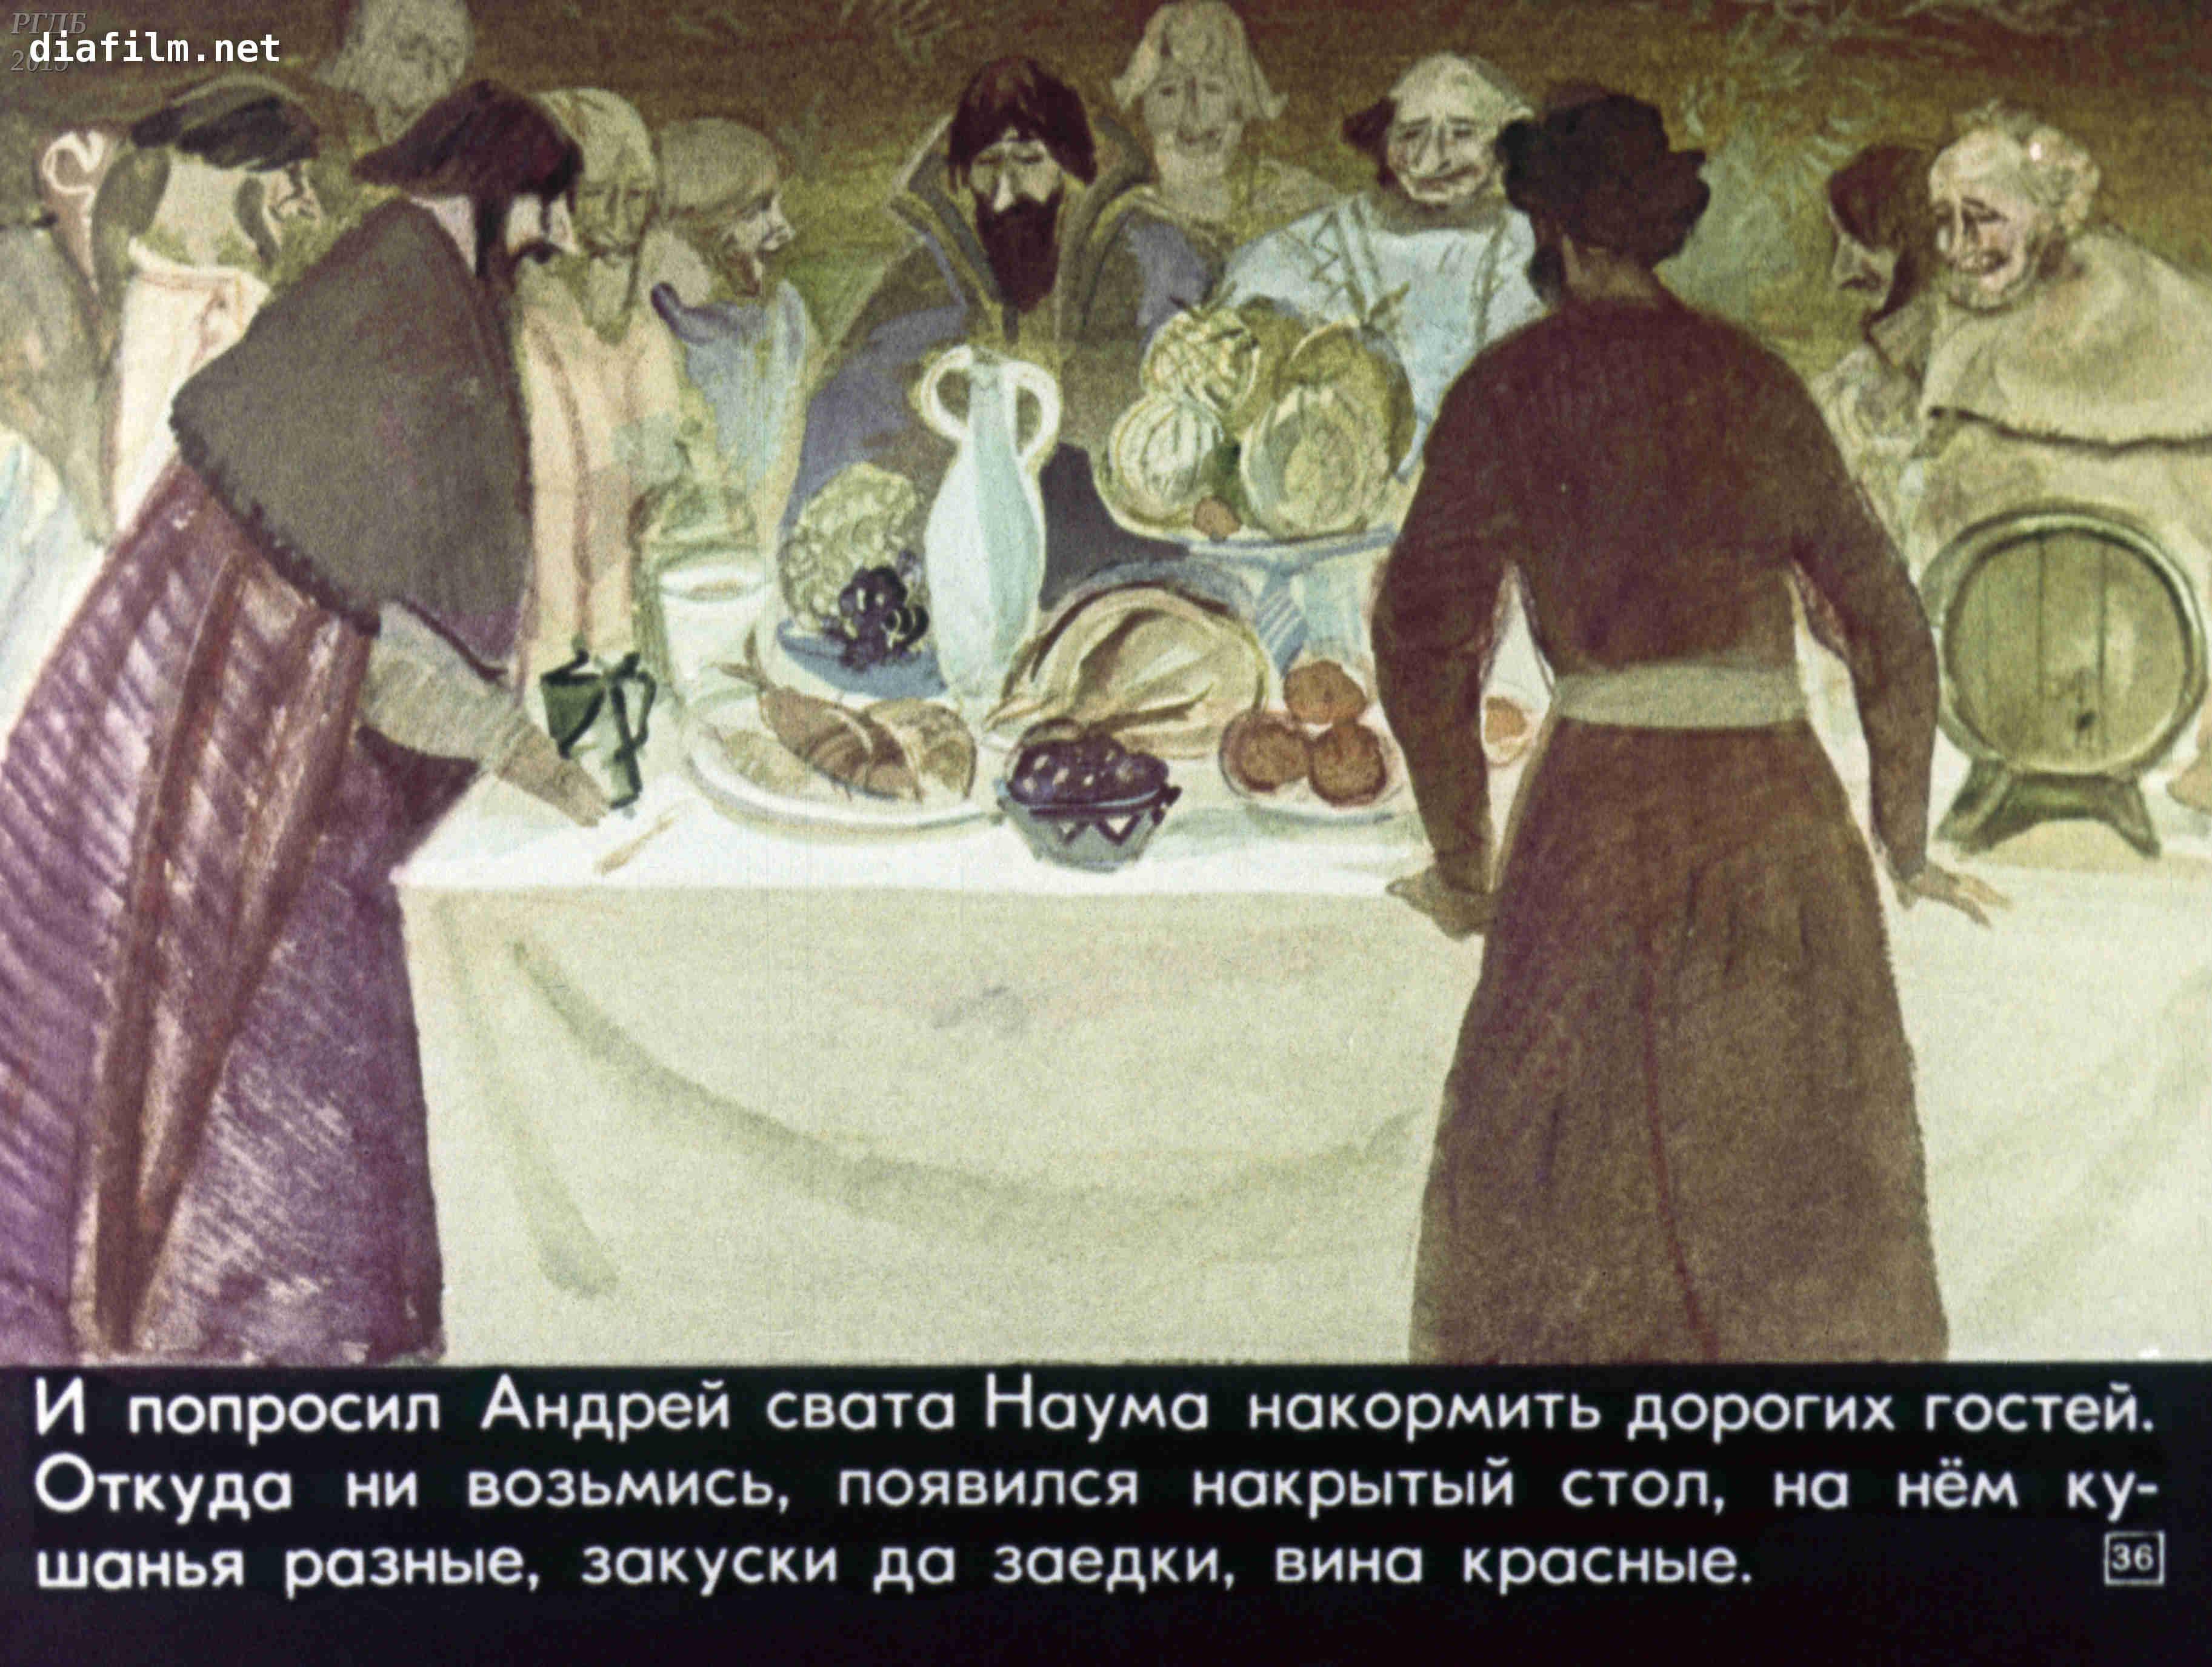 сват наум в русских сказках идет